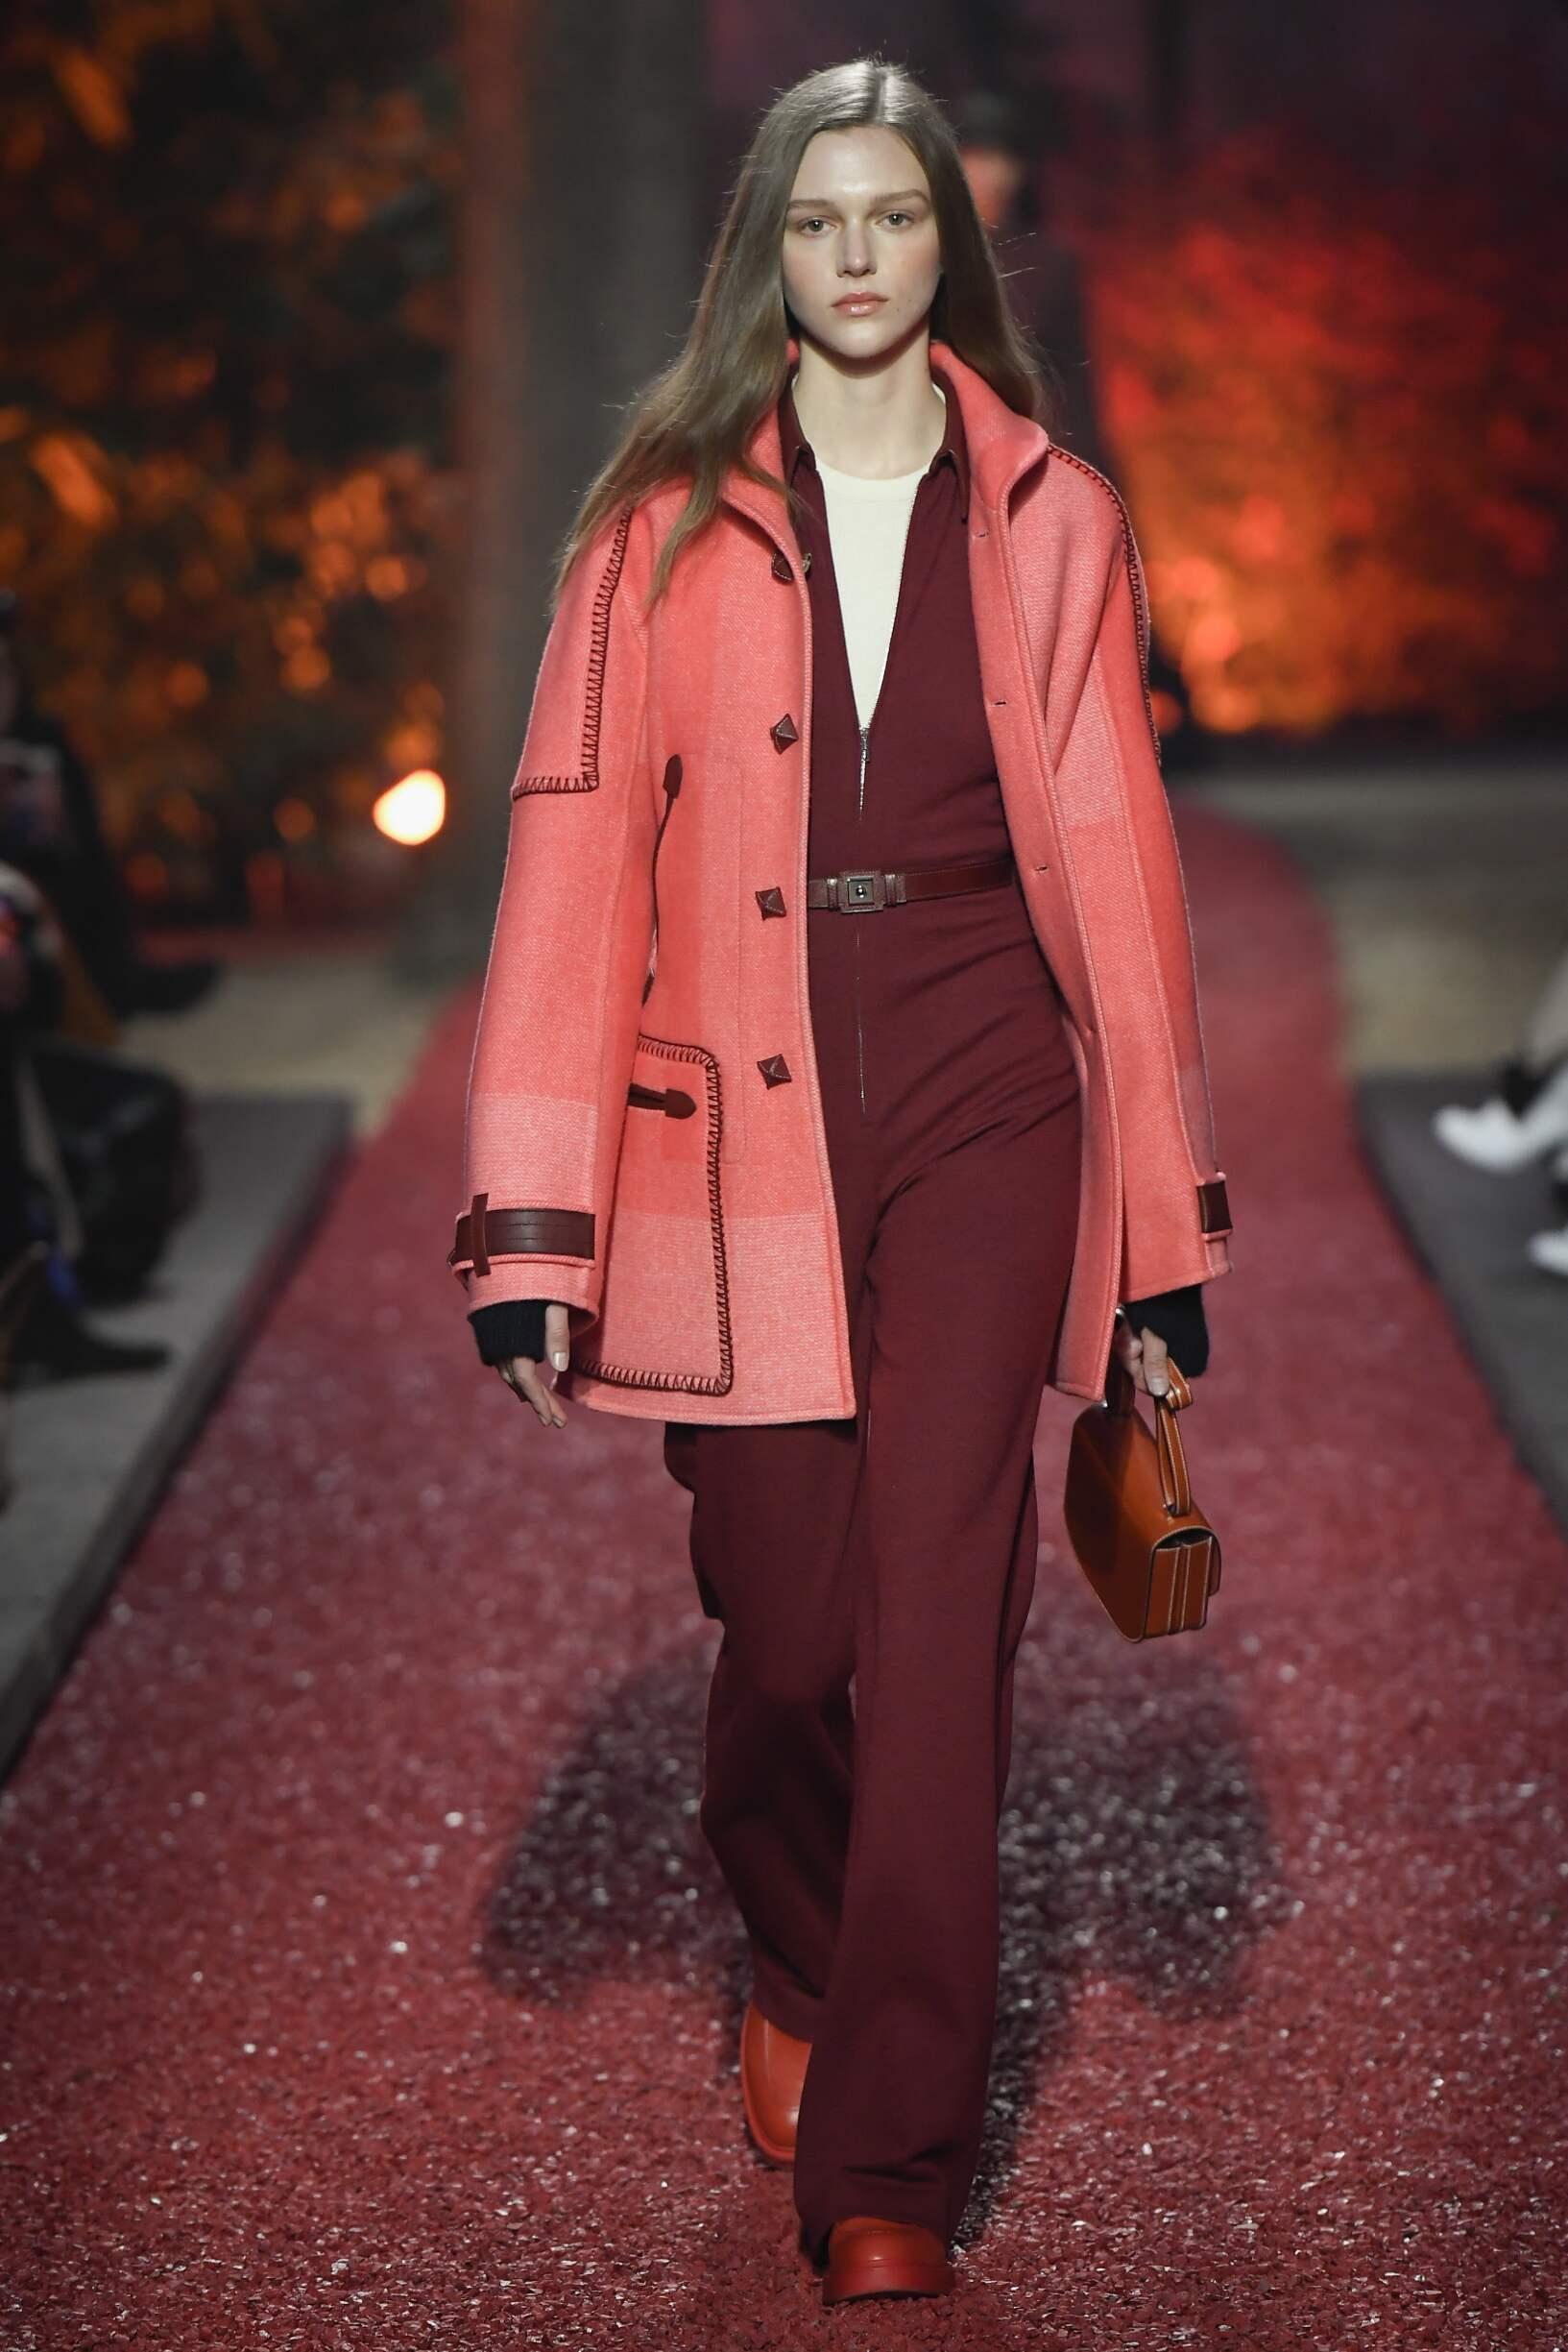 Catwalk Hermès Woman Fashion Show Winter 2018